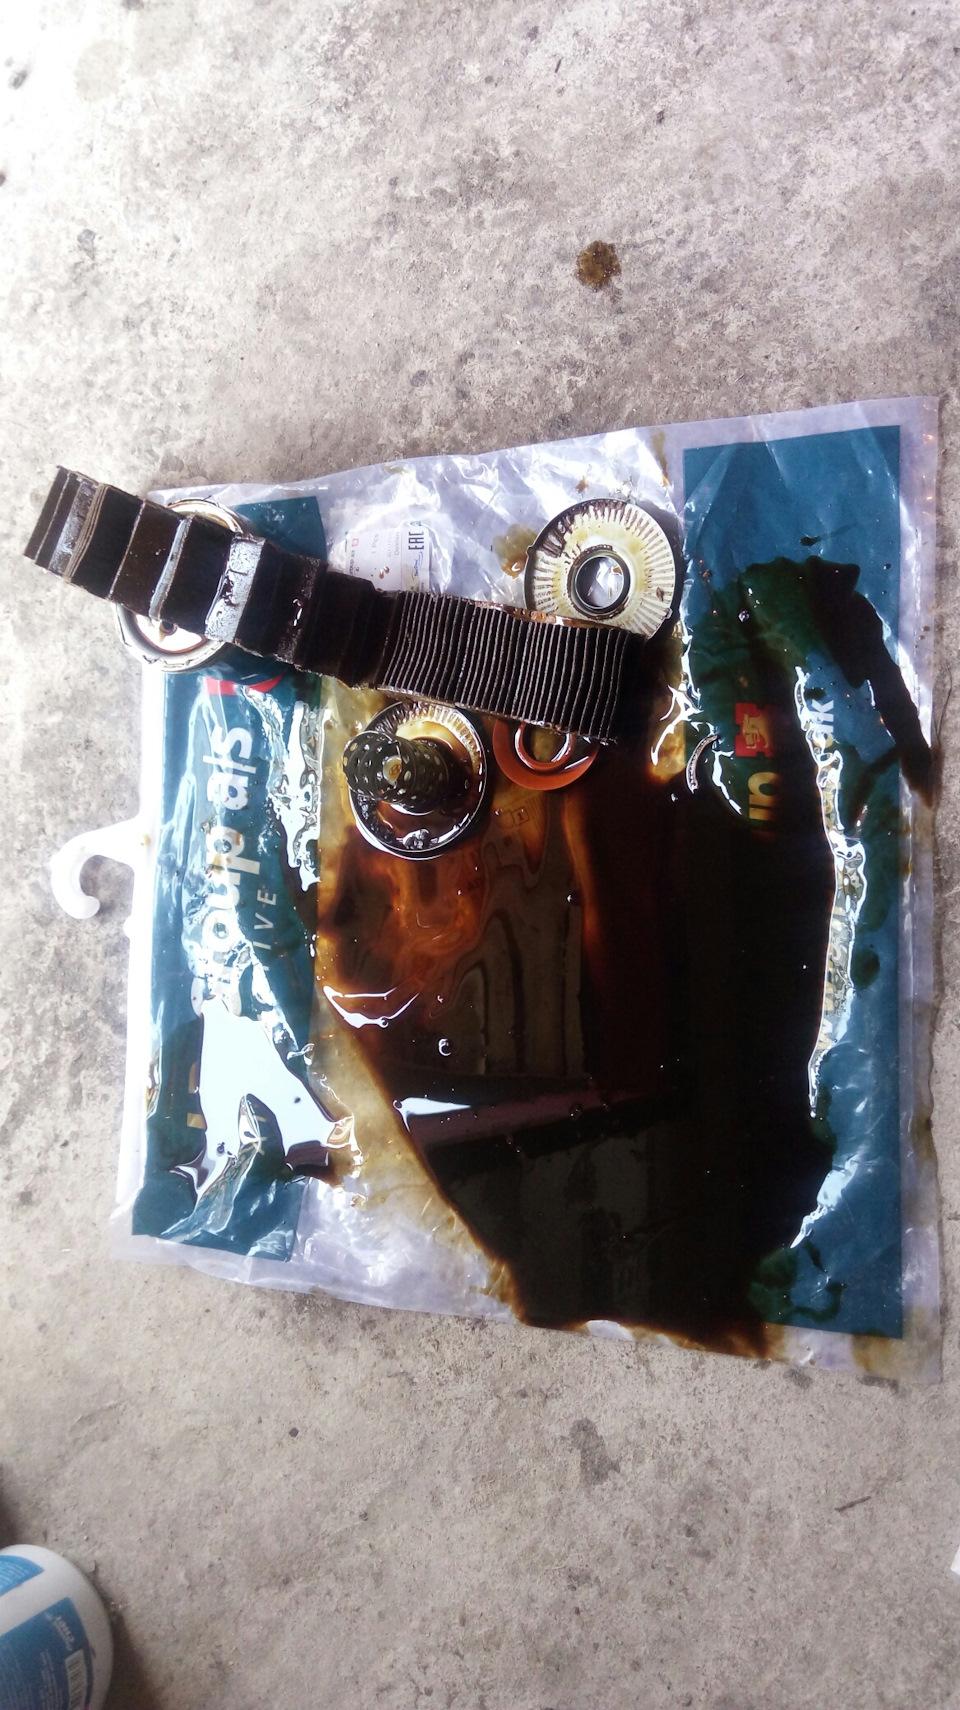 ICAAAgE3CuA-960.jpg